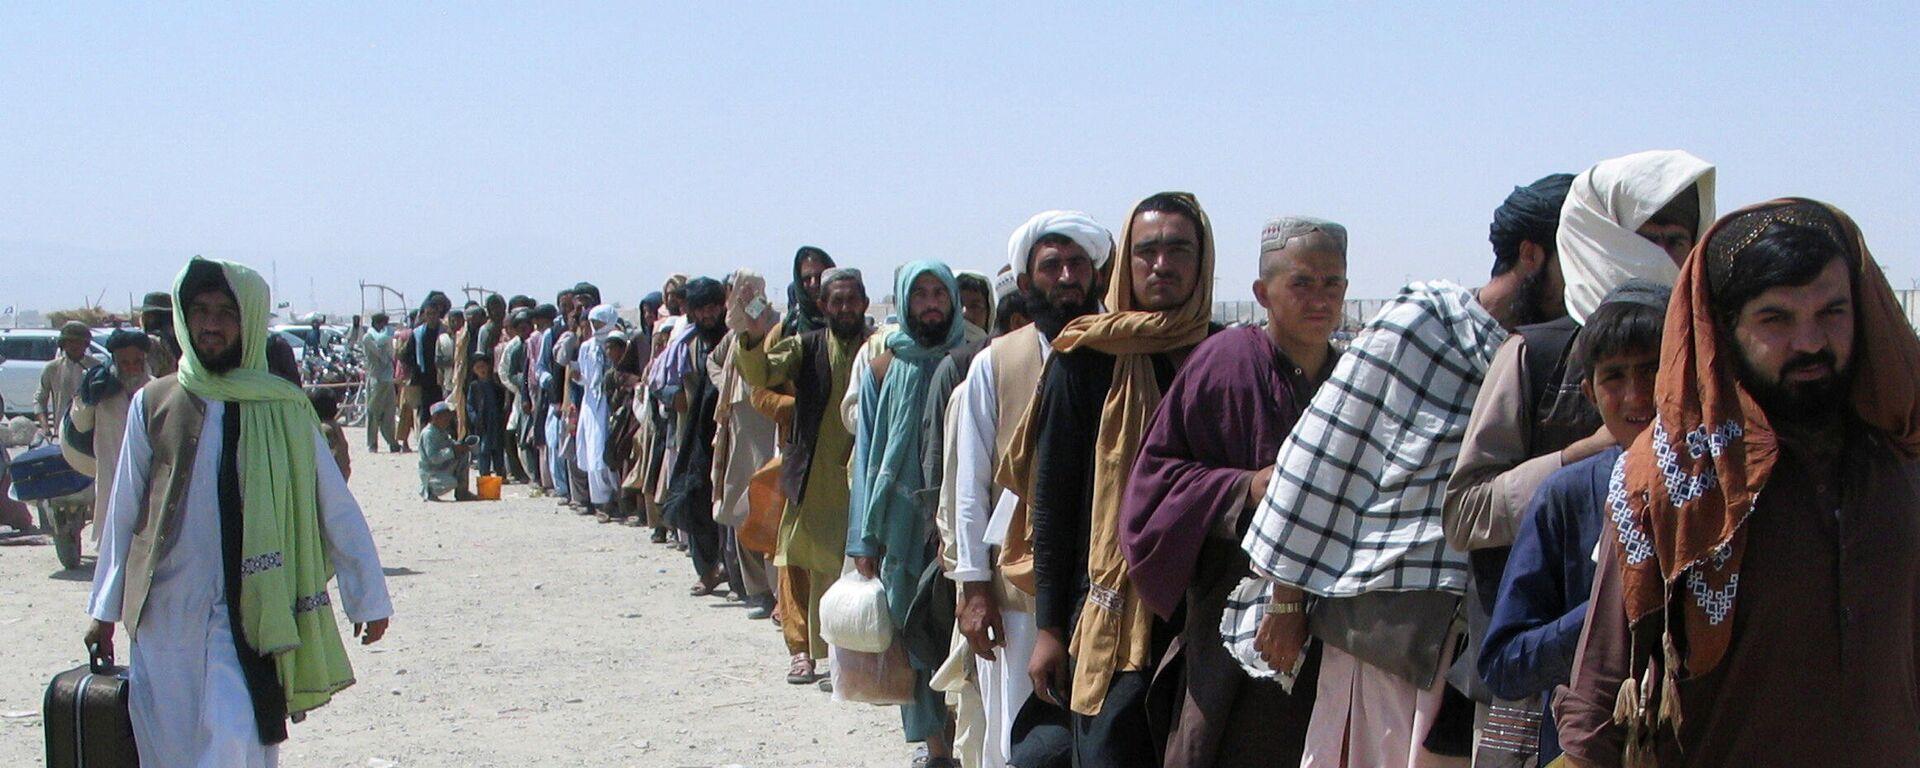 Люди ждут у пункта пропуска  в пакистано-афганском пограничном городе Чаман - Sputnik Таджикистан, 1920, 09.09.2021